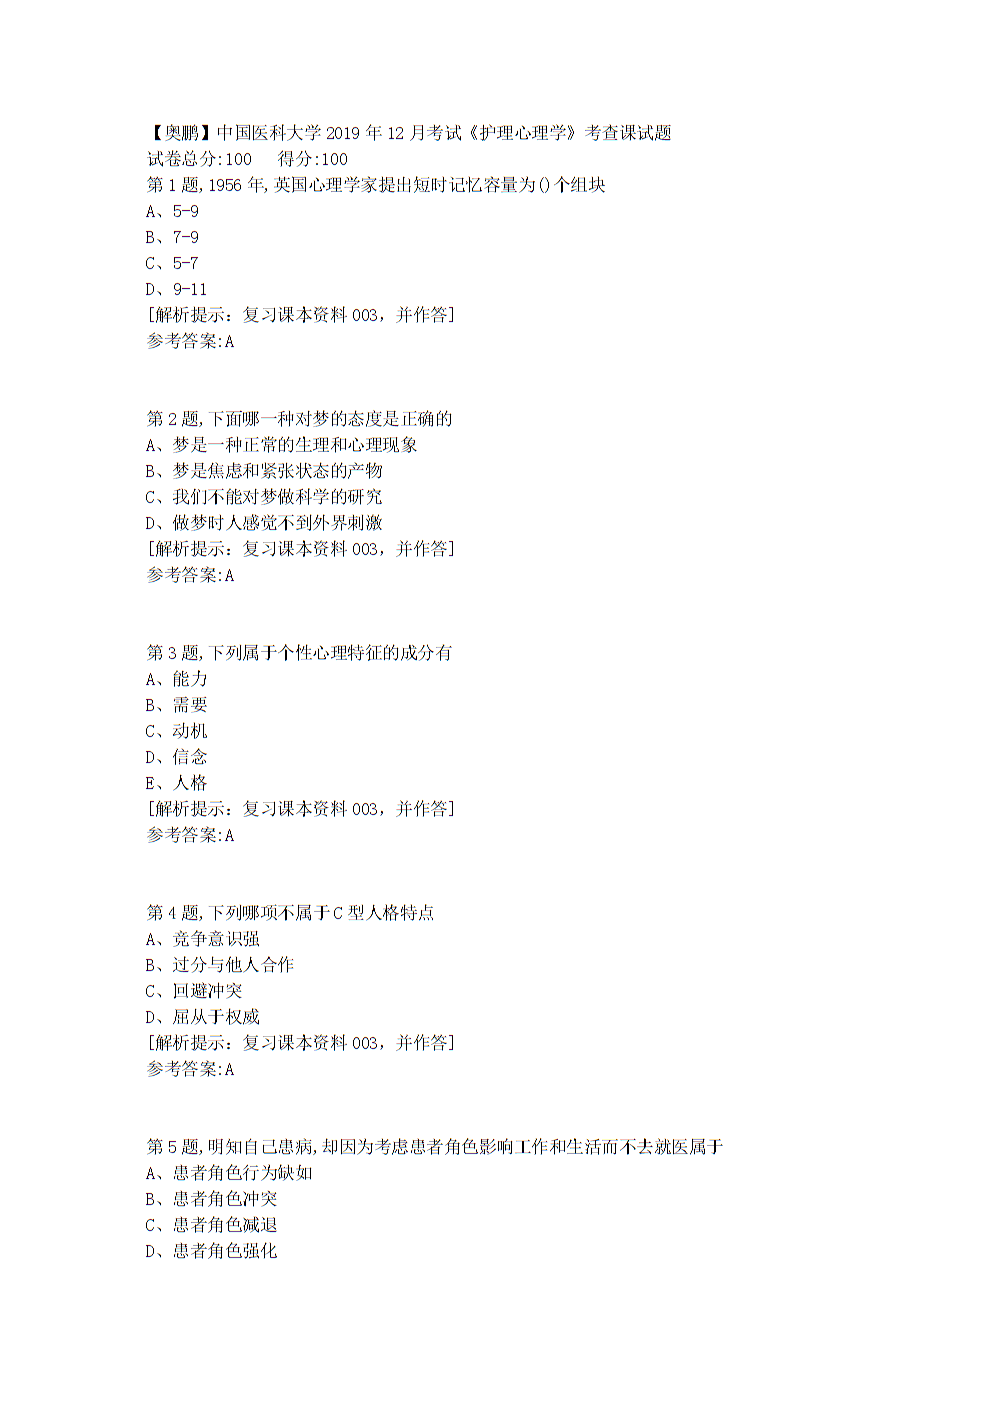 中国医科大学2019年12月考试《护理心理学》考查课试题[资料答案].doc